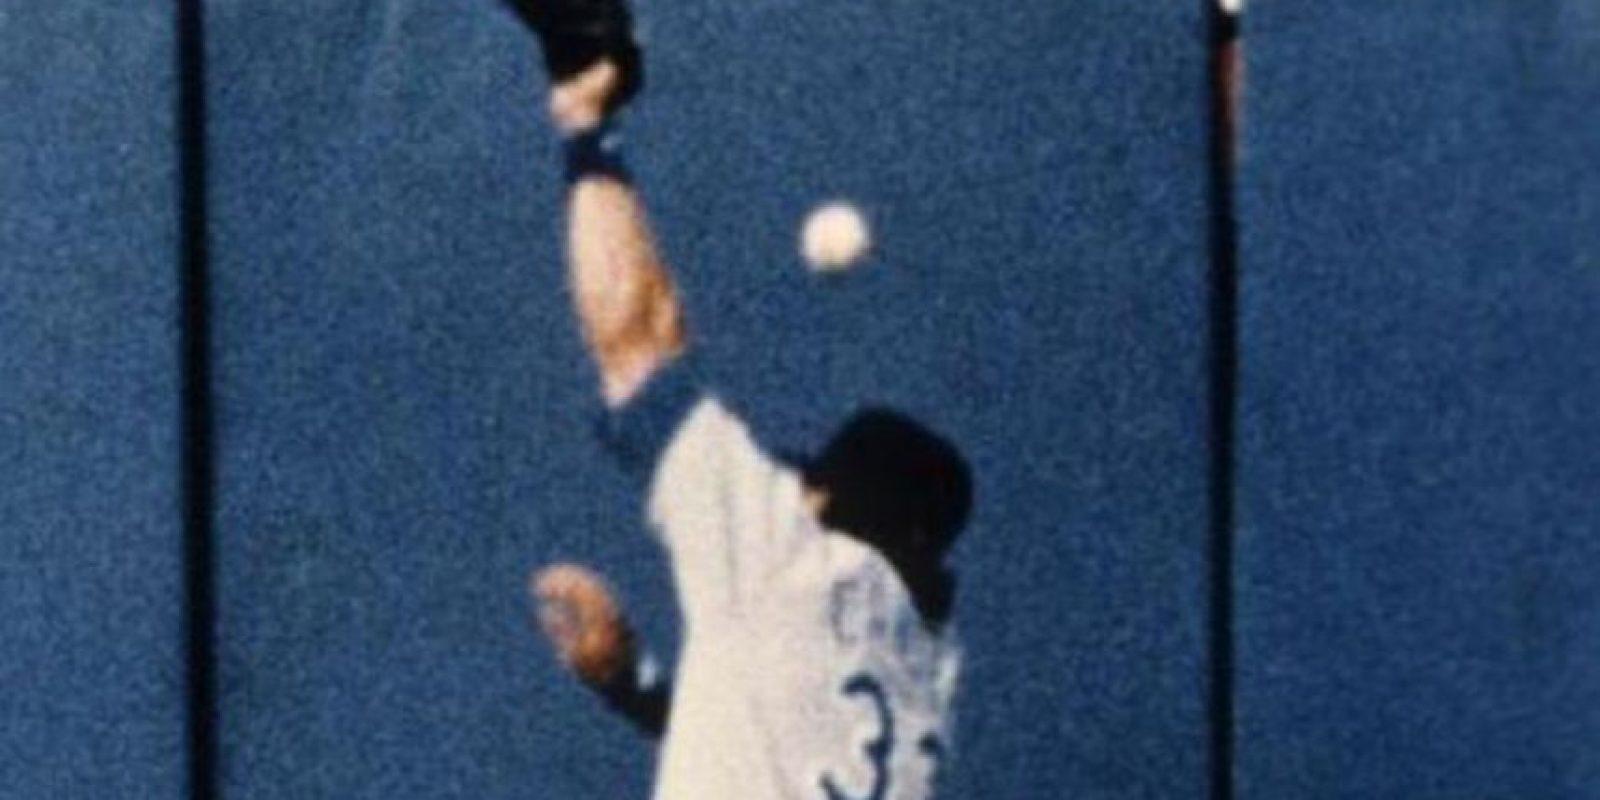 Esta jugada es una de las que más hace recordar la carrera del cubano-americano en las Grandes Ligas. Foto:Publinews